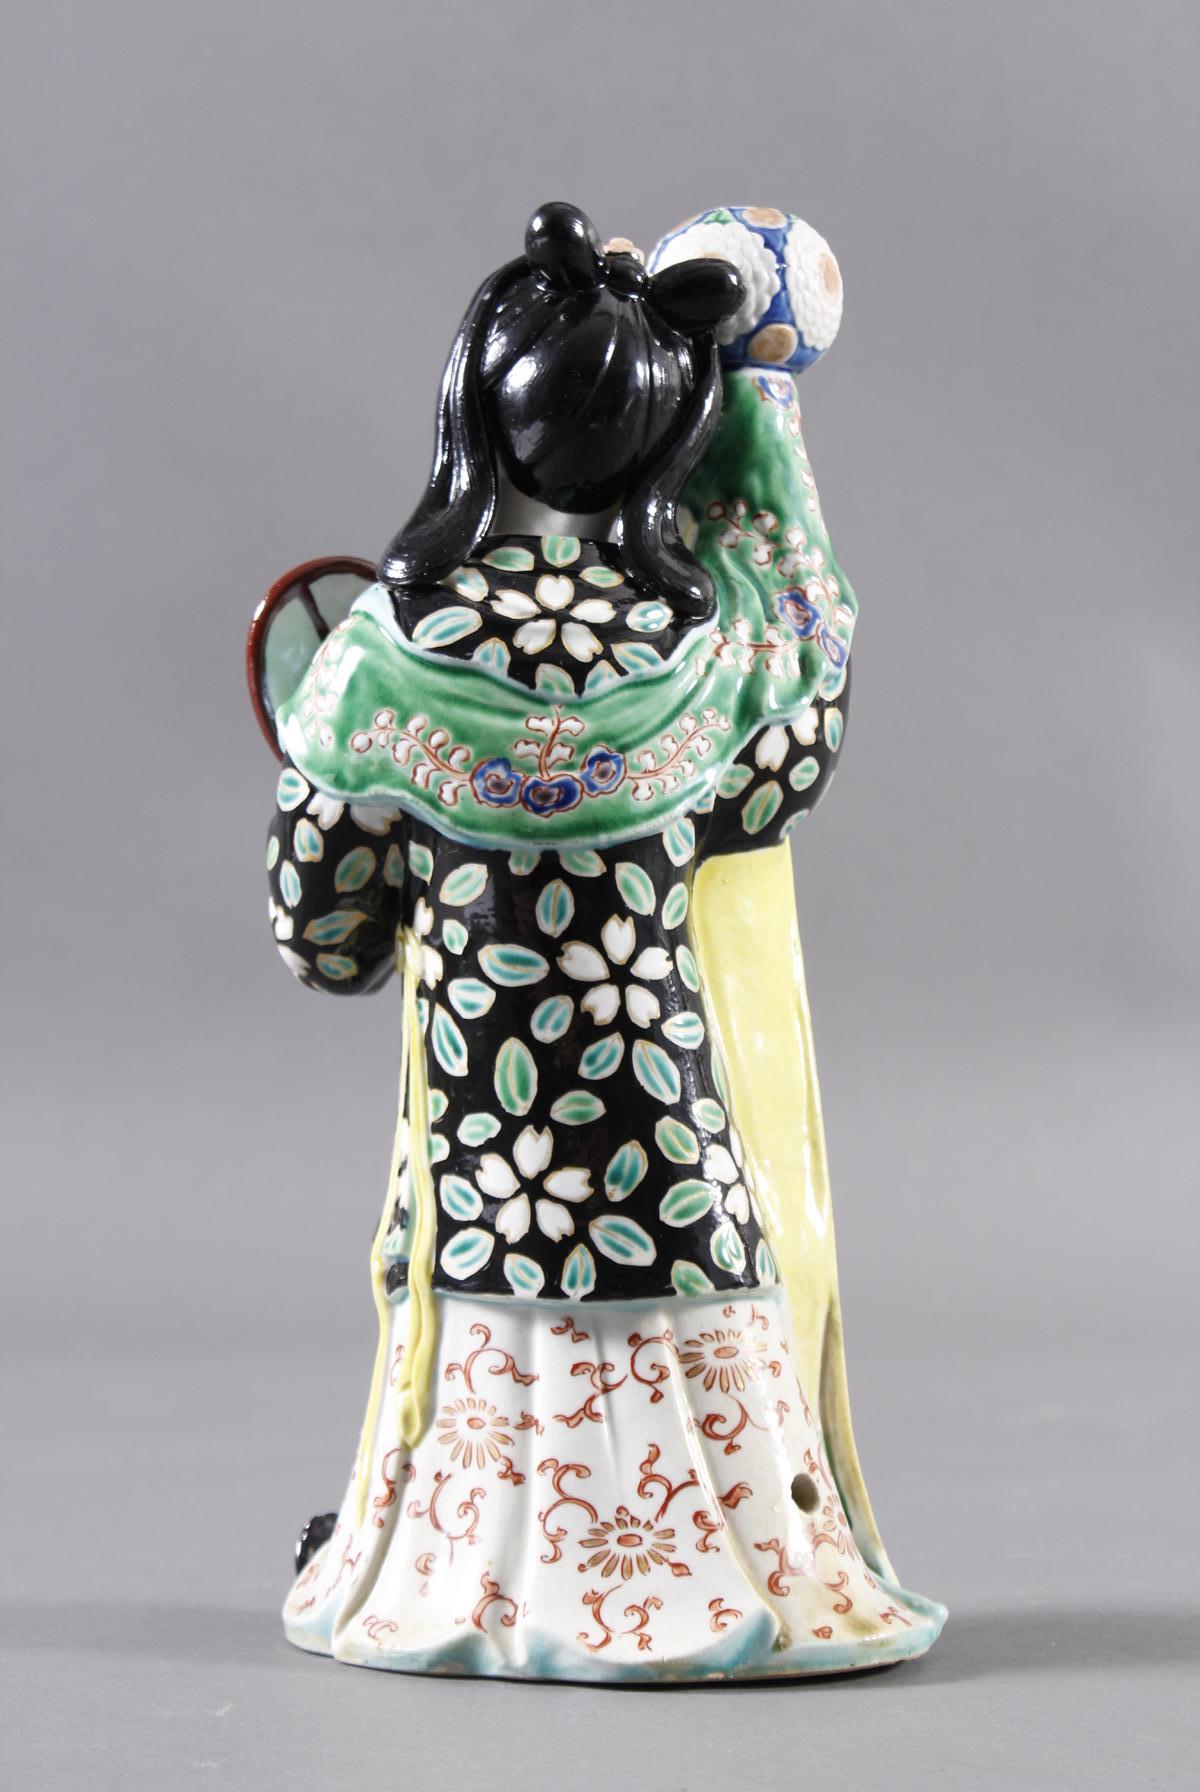 Porzellan-Räucherfigur, Mädchen, China 19. Jahrhundert-3